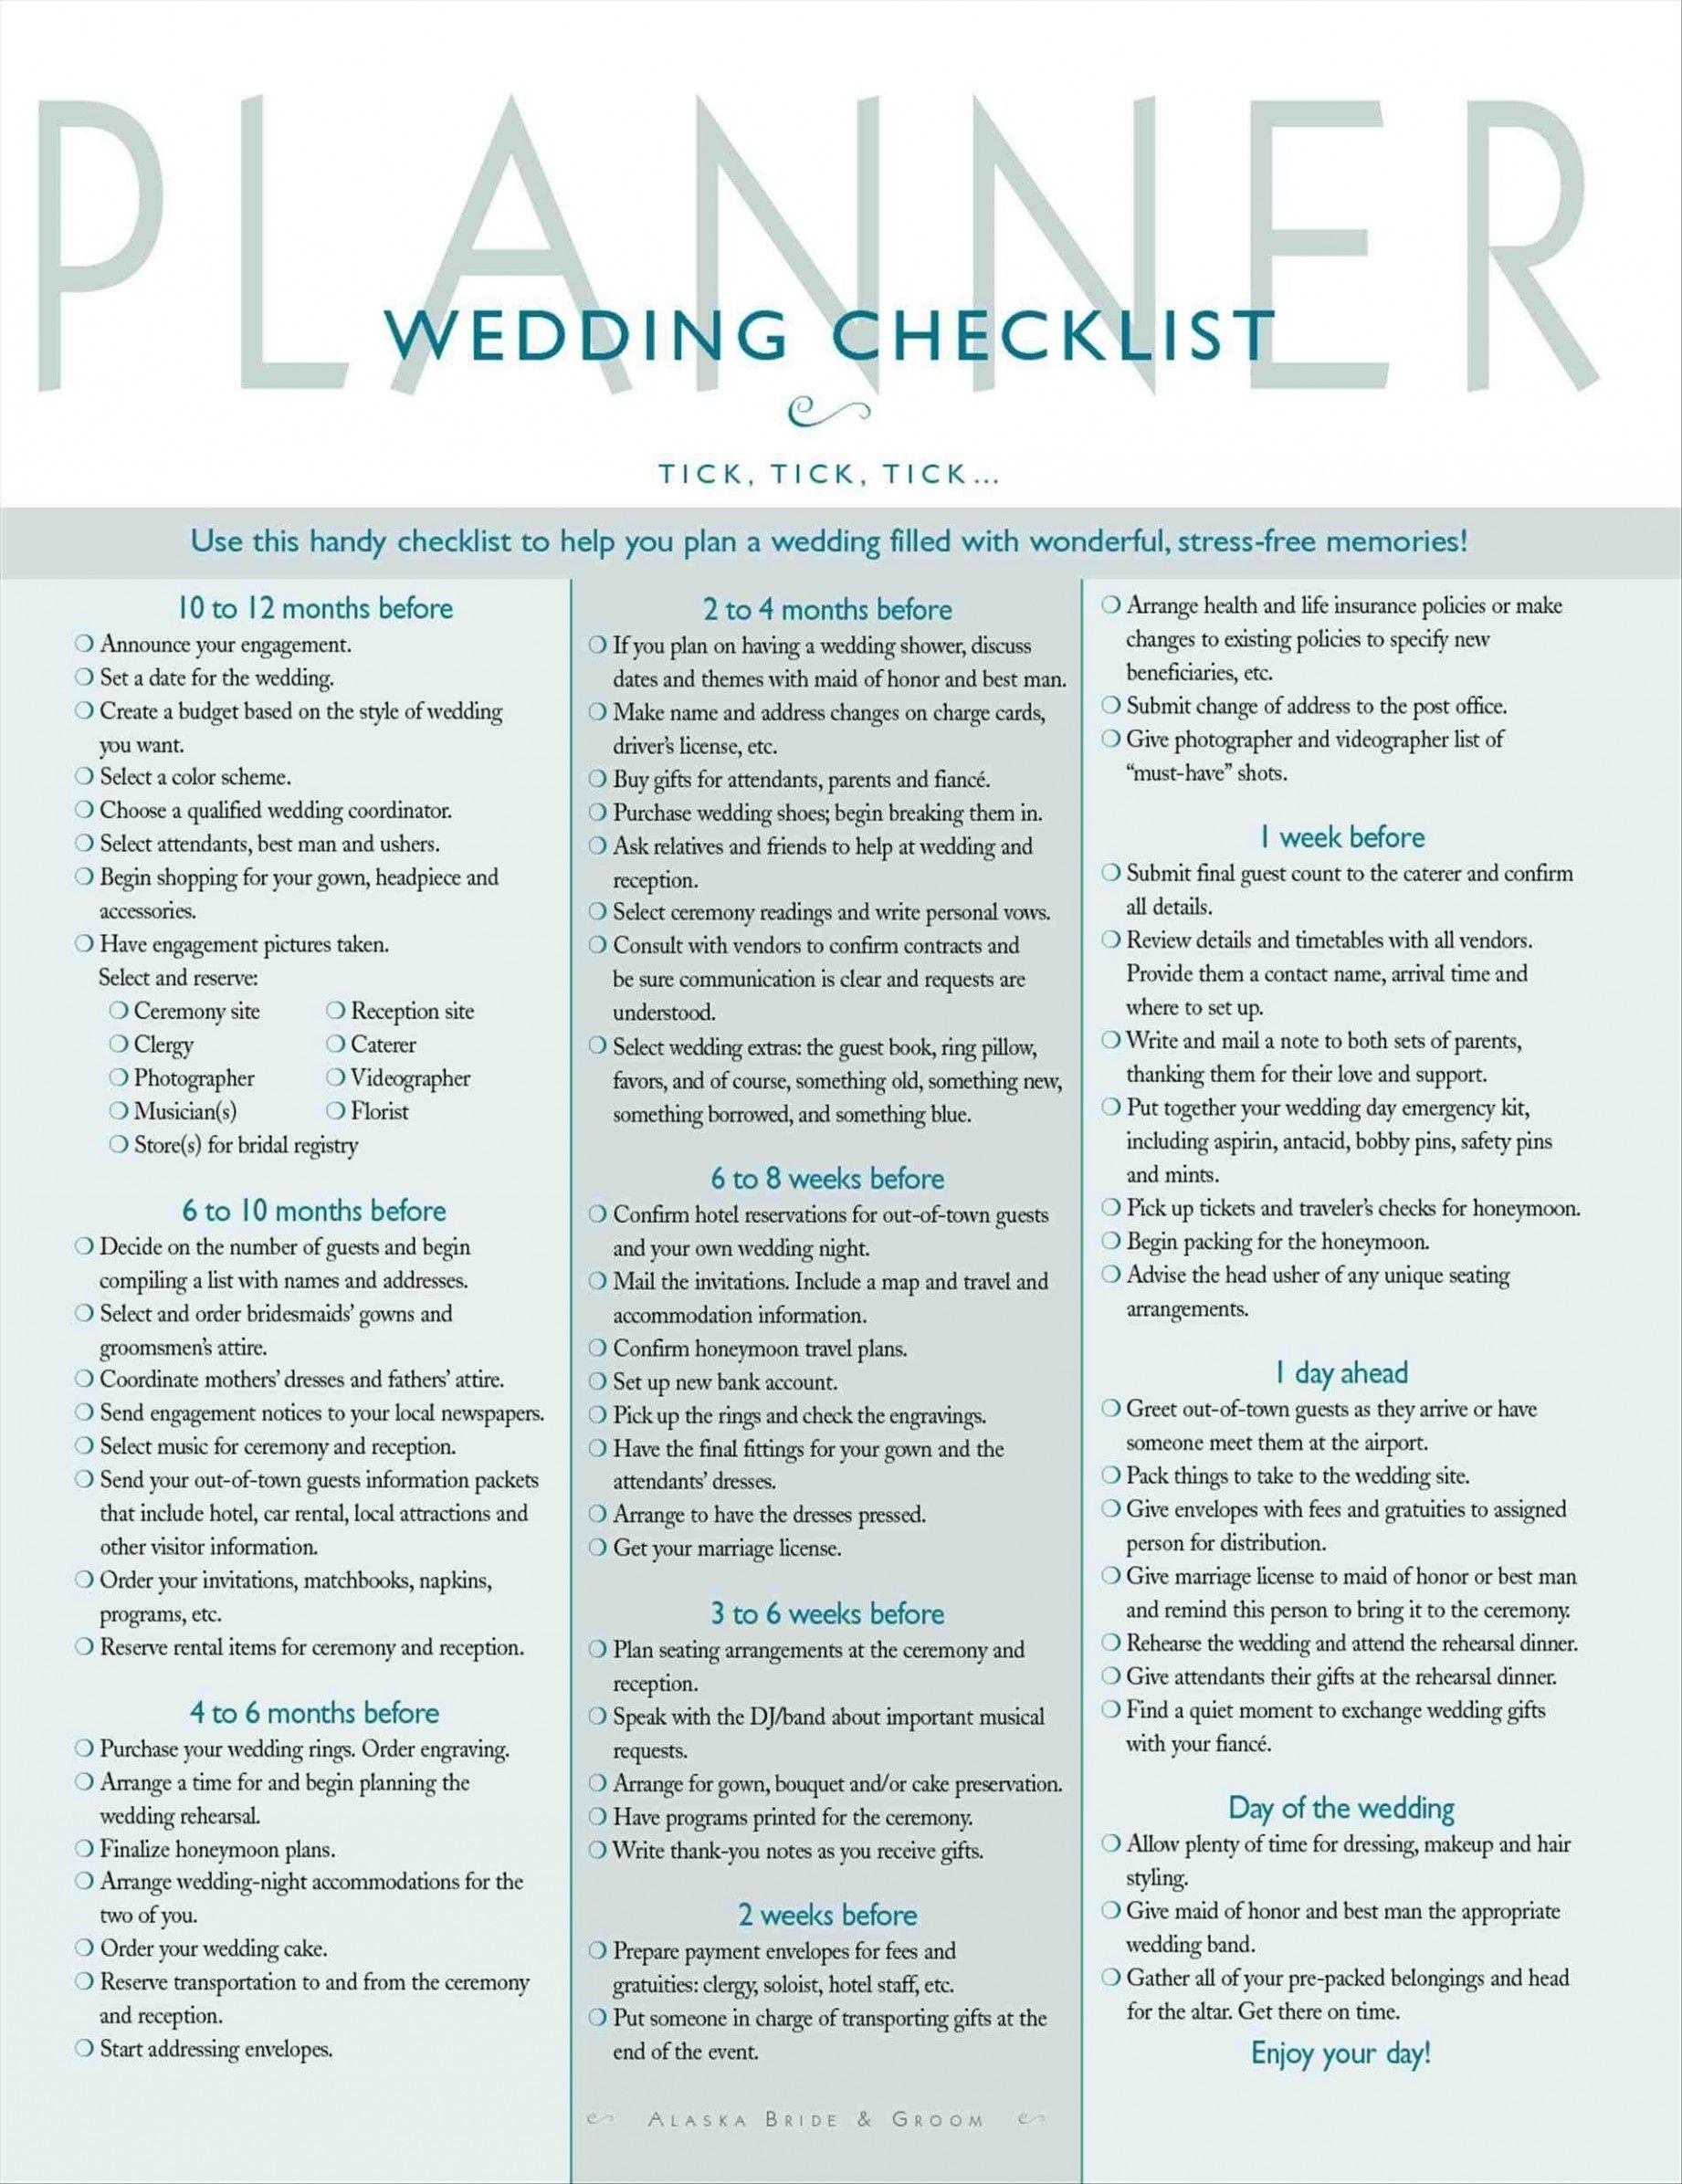 Wedding checklist the knot brides wedding coordinator